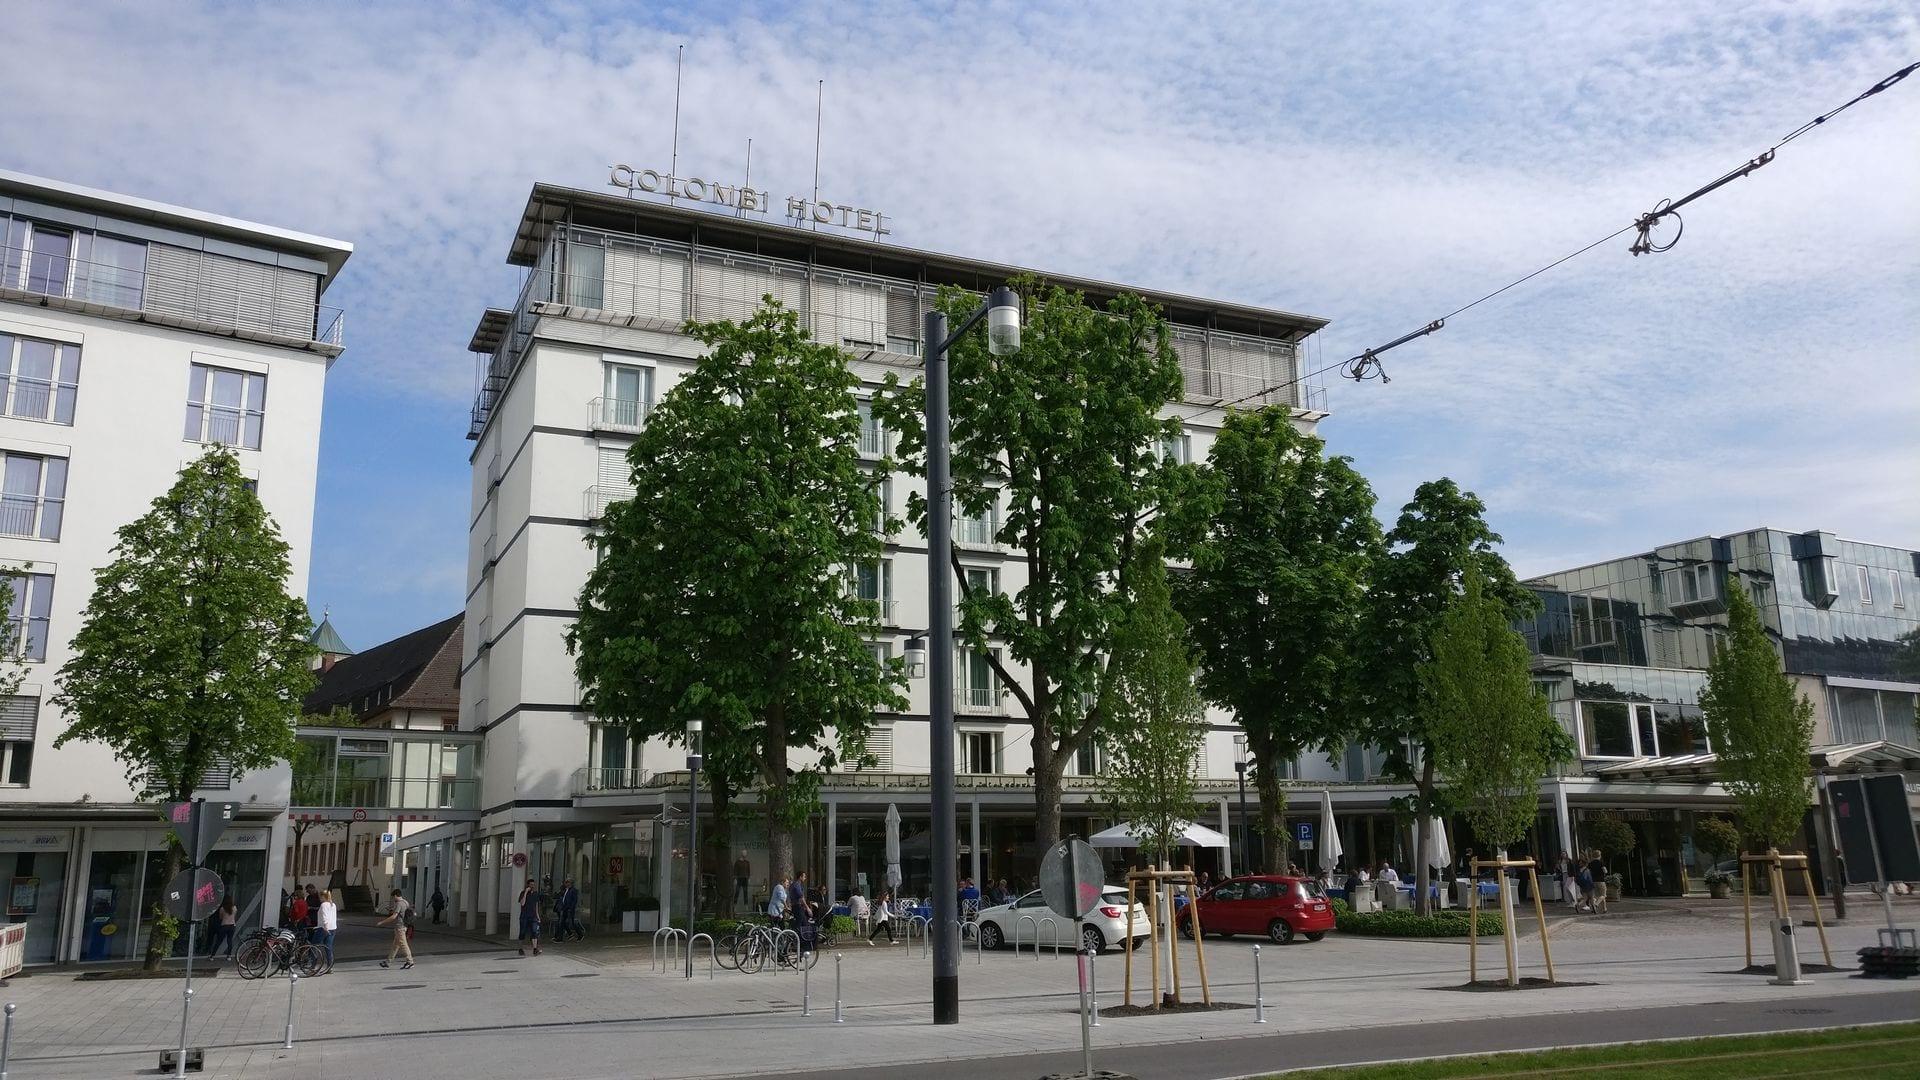 Hotel Berlin Ohne Vorauszahlung